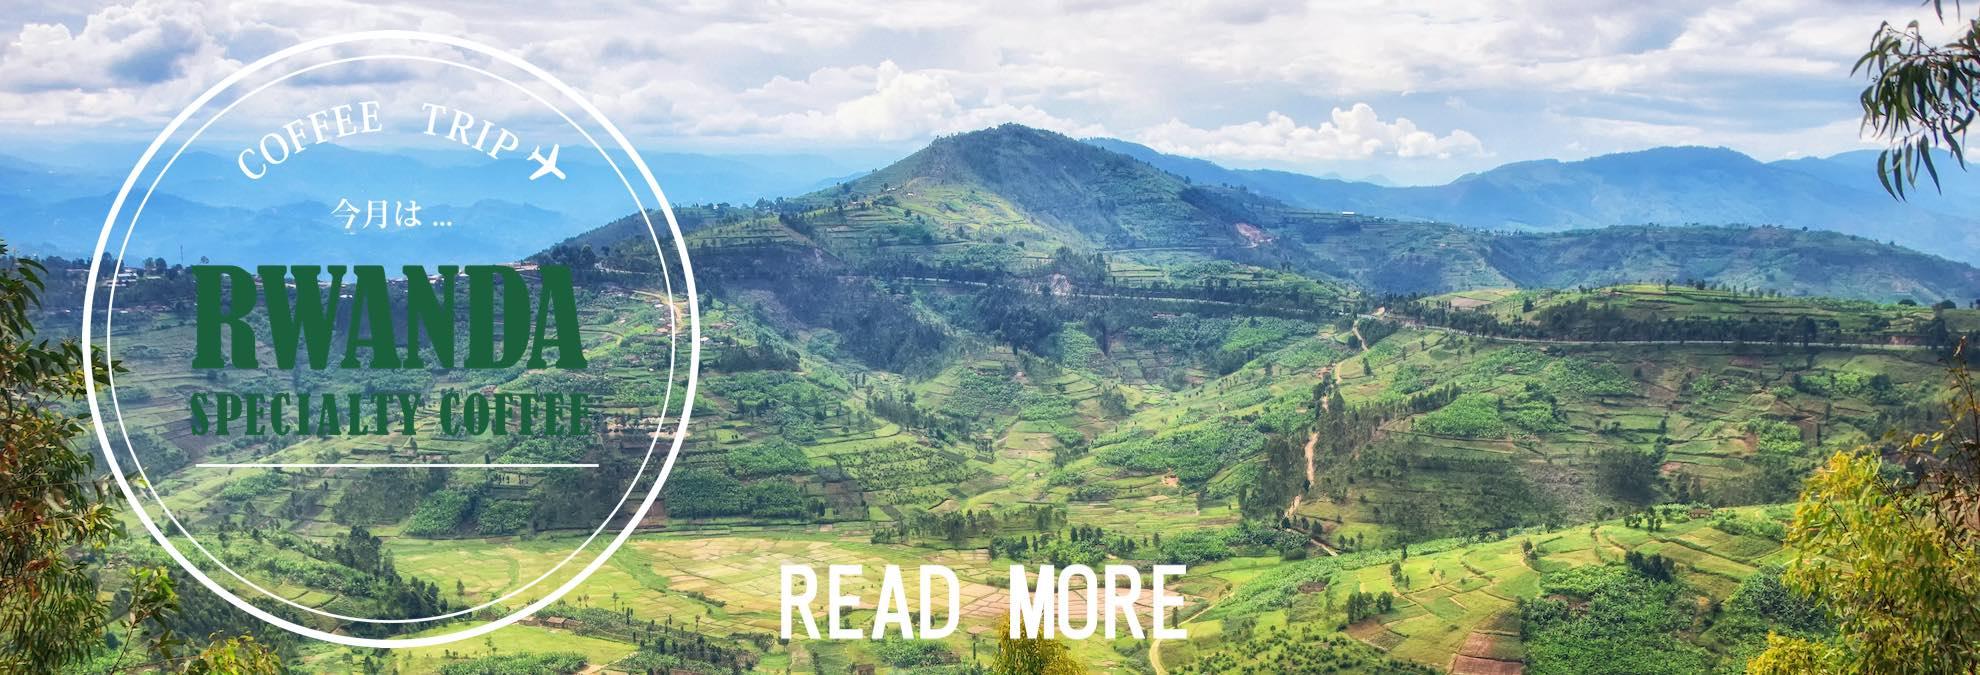 エチオピアスペシャルティコーヒーイルガチェフェ